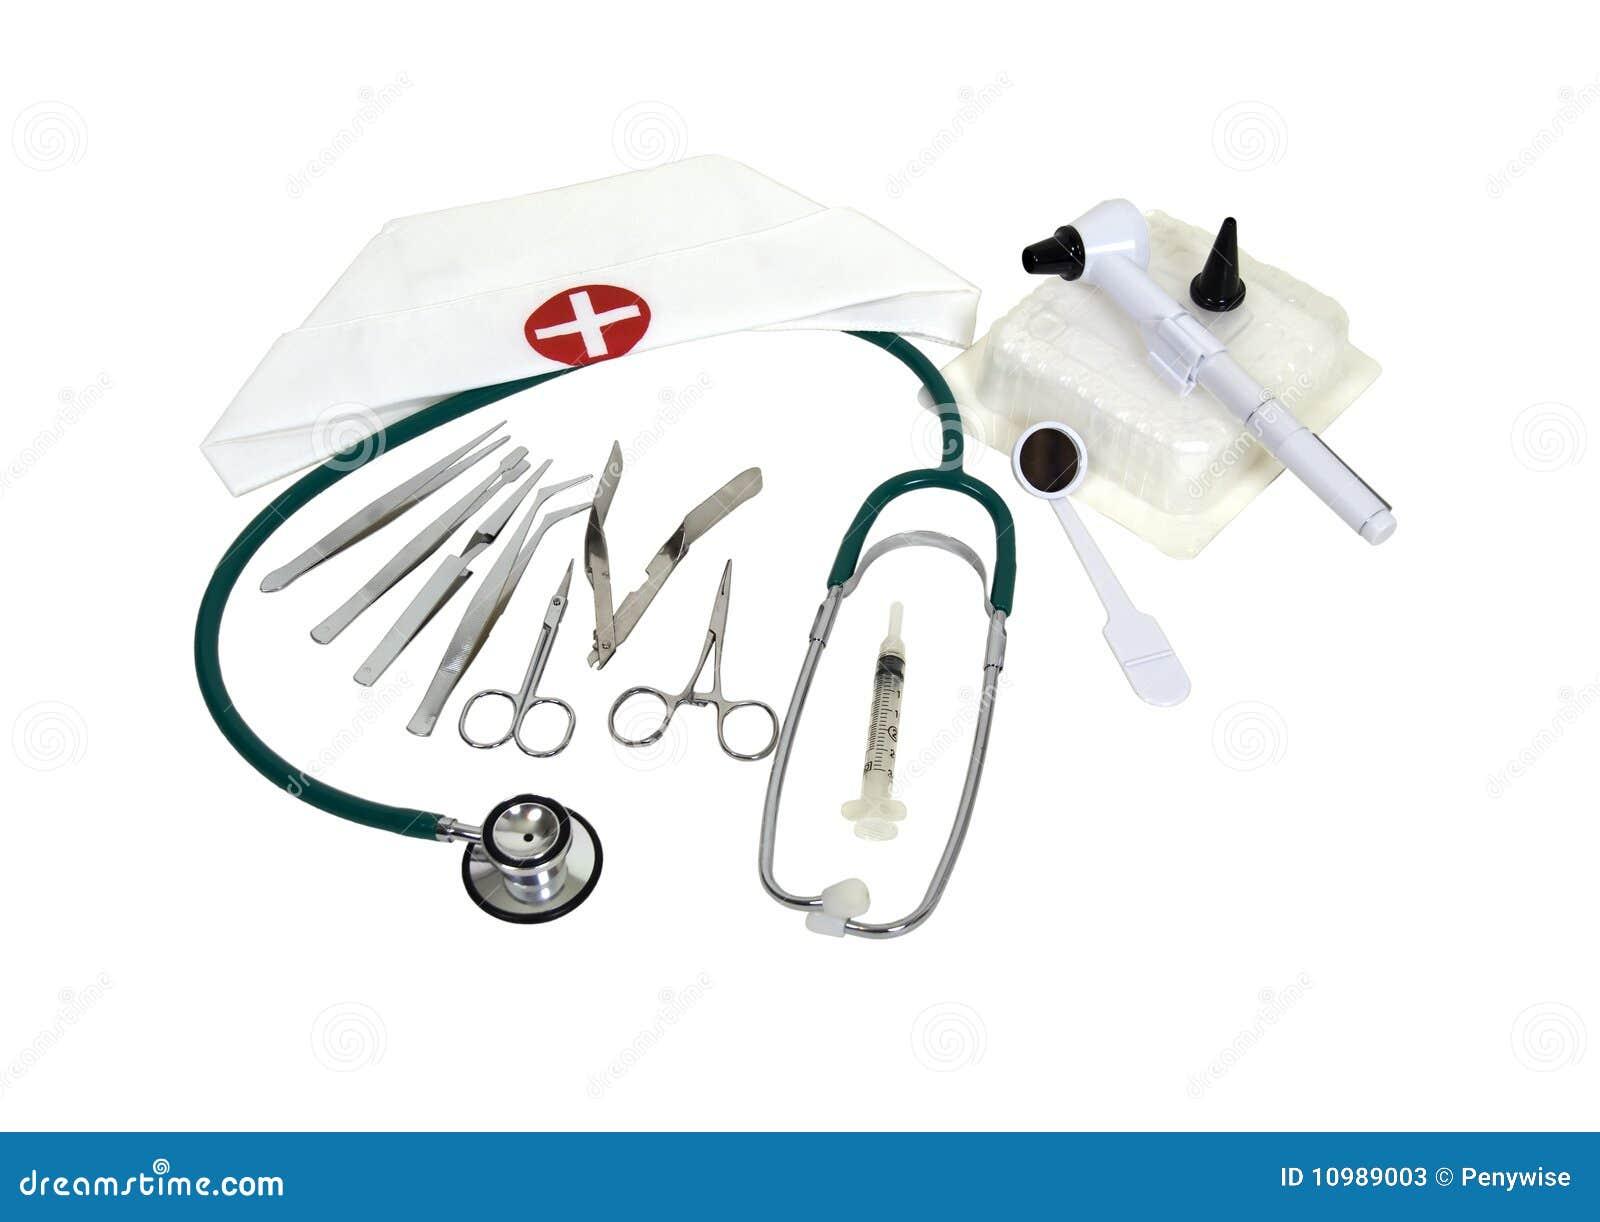 Nursing Tools Stock Photos Image 10989003